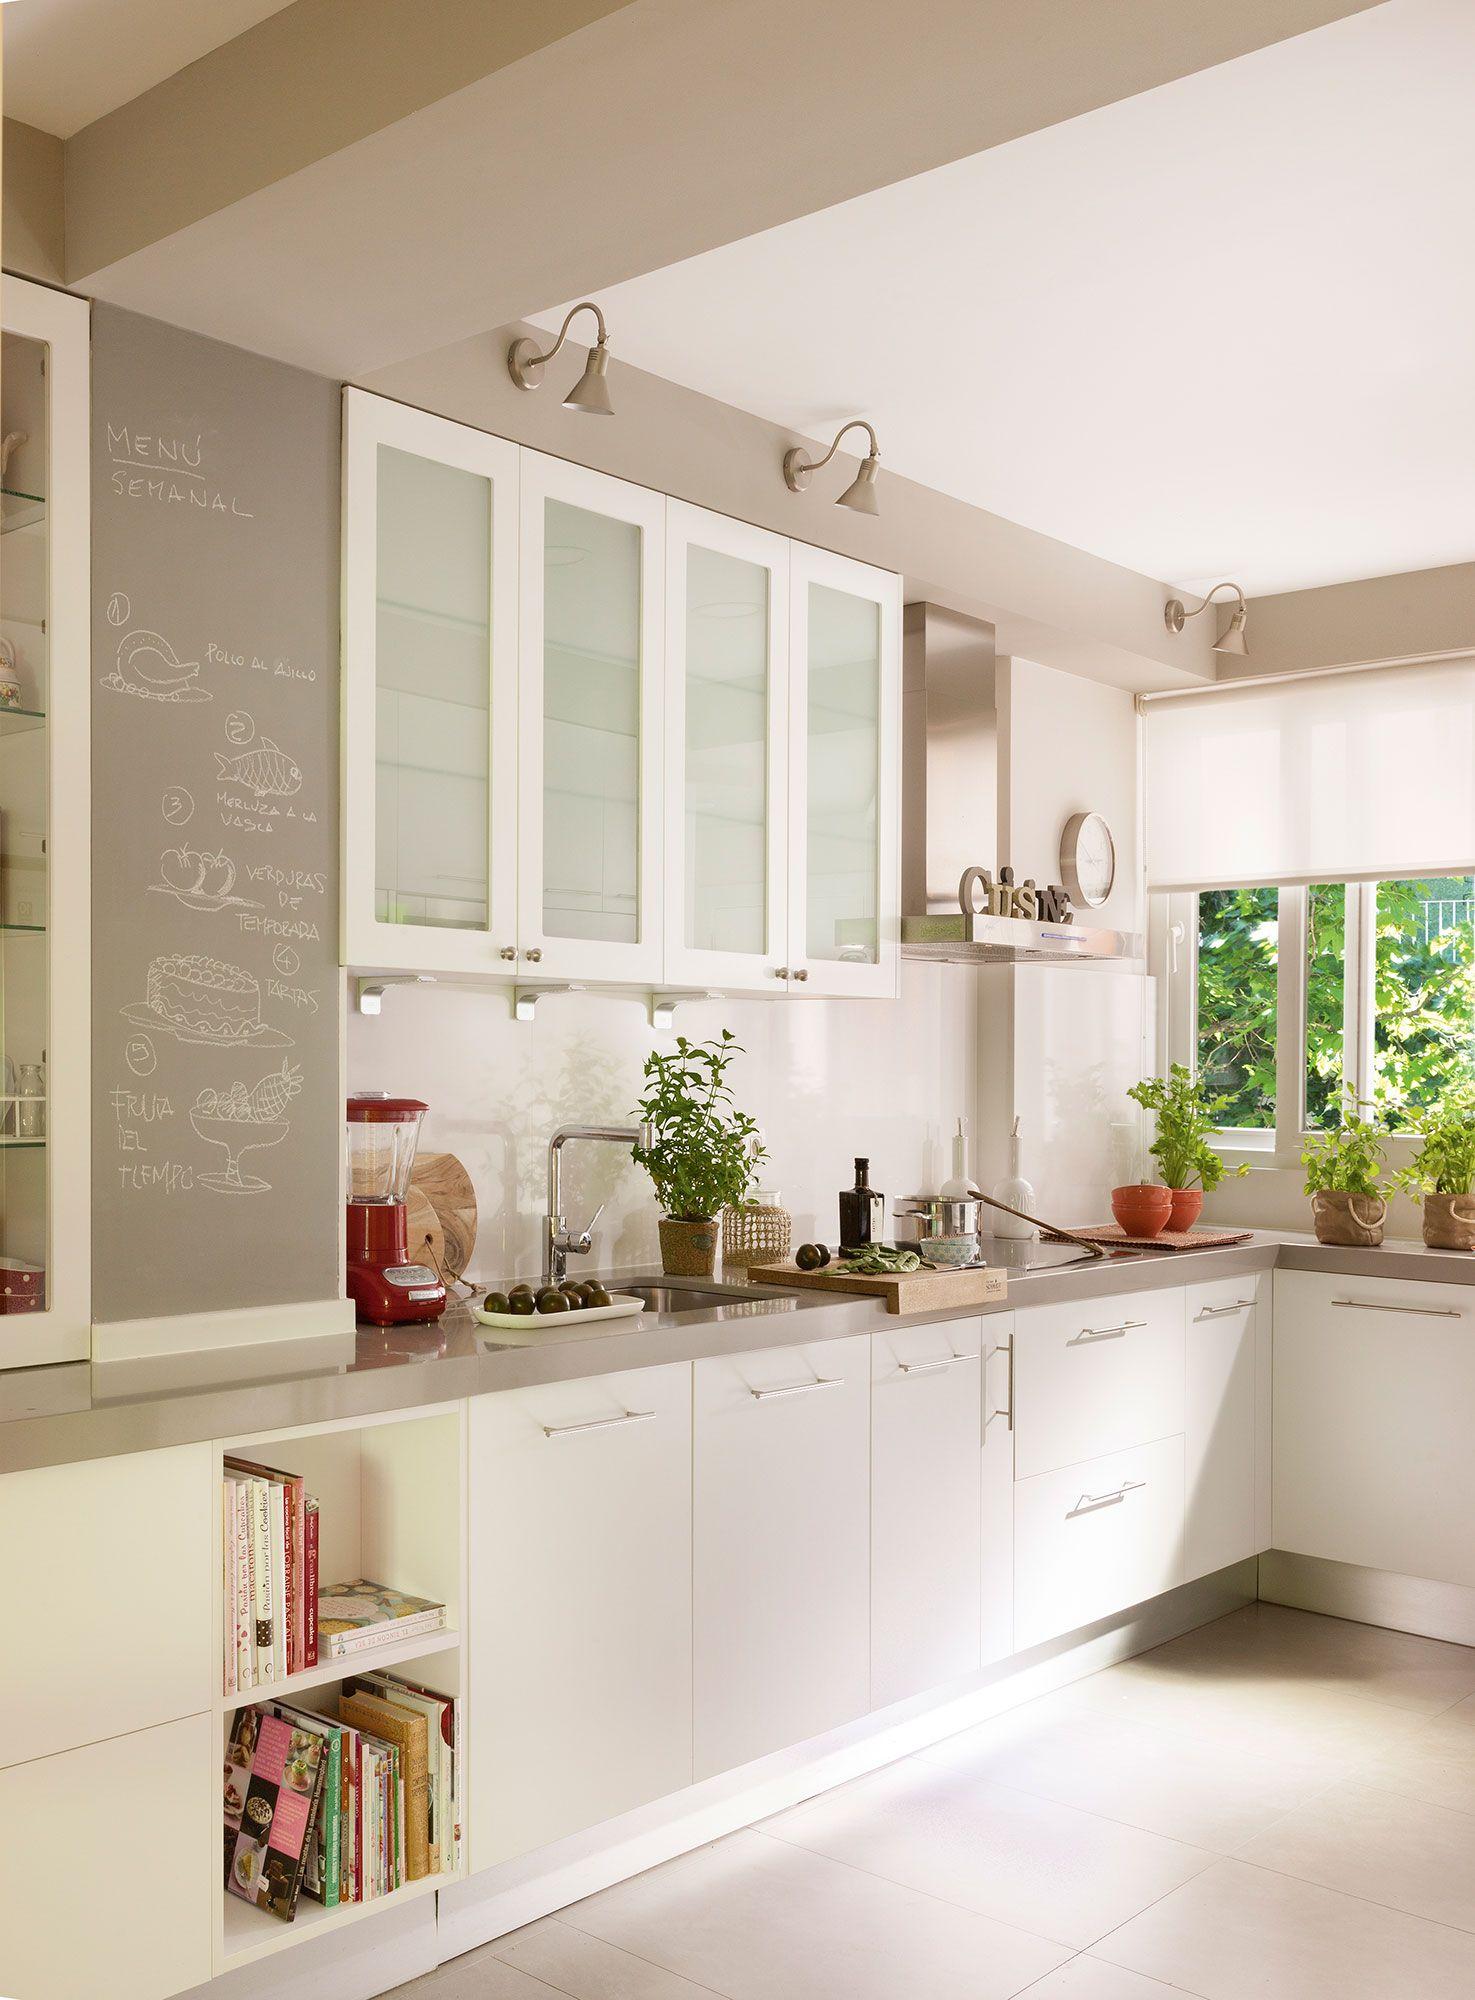 Renovar la cocina sin obras 10 reformas low cost - Renovar cocina sin obras ...